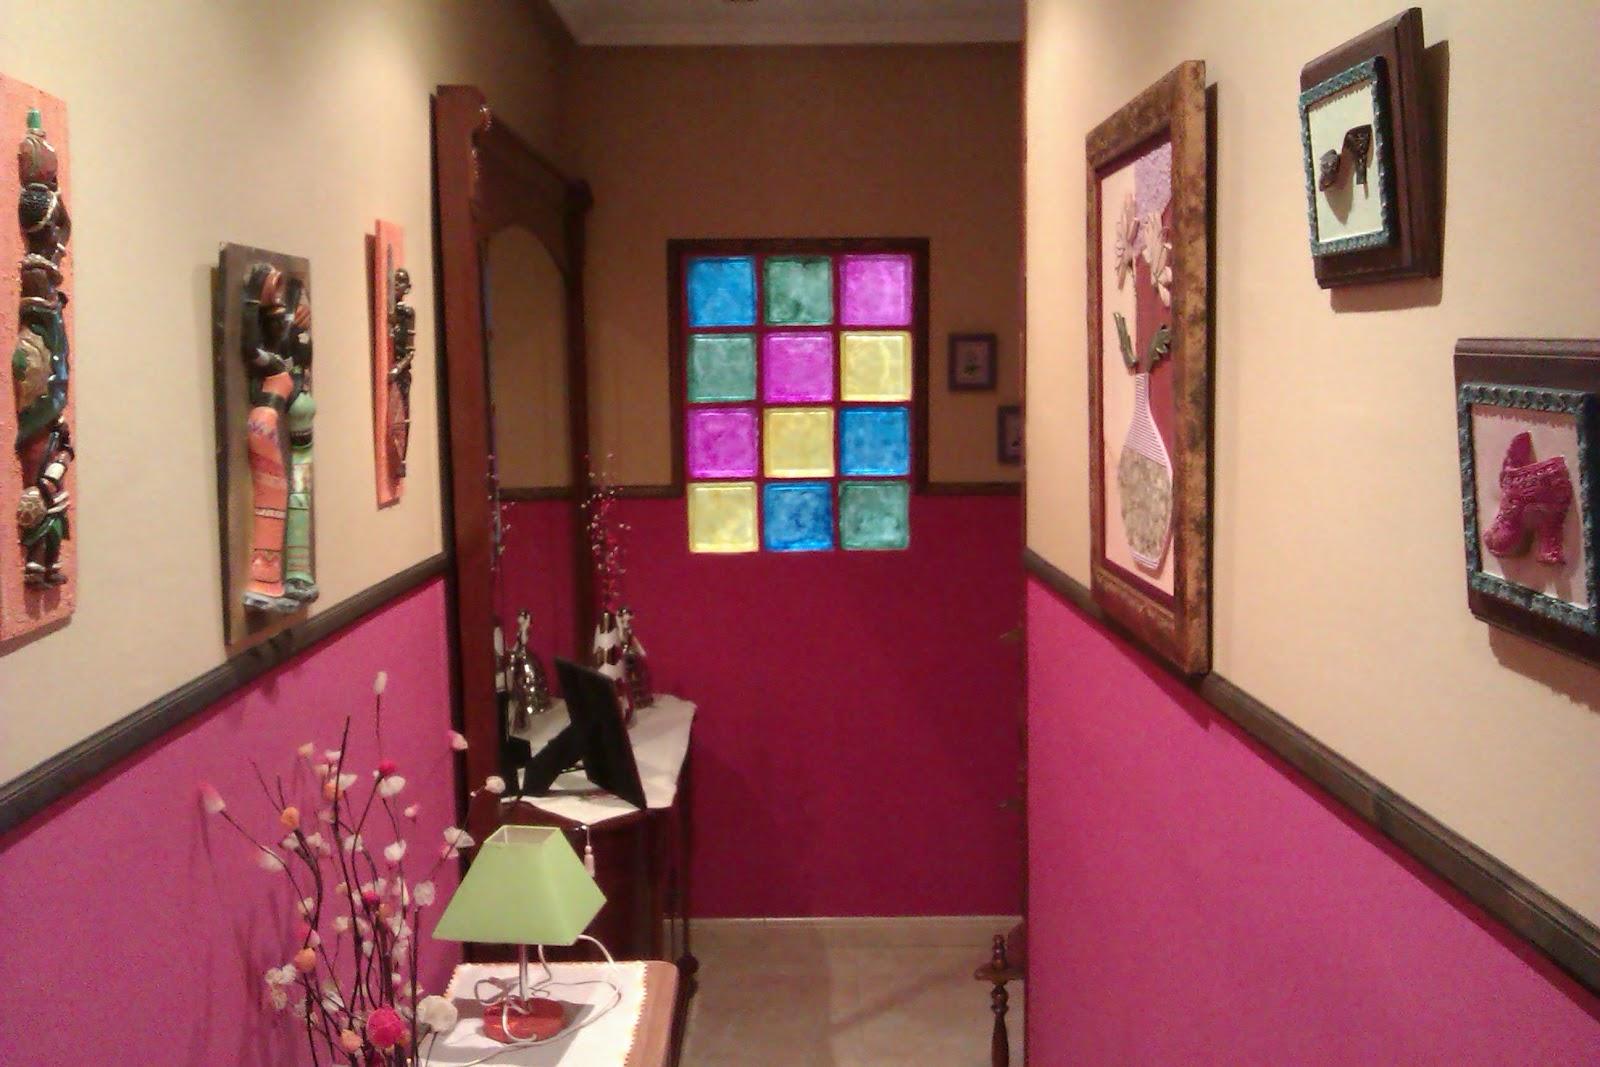 Pinturas y decoraciones ruben obra 5 pintura interior y - Salones pintados en dos colores ...